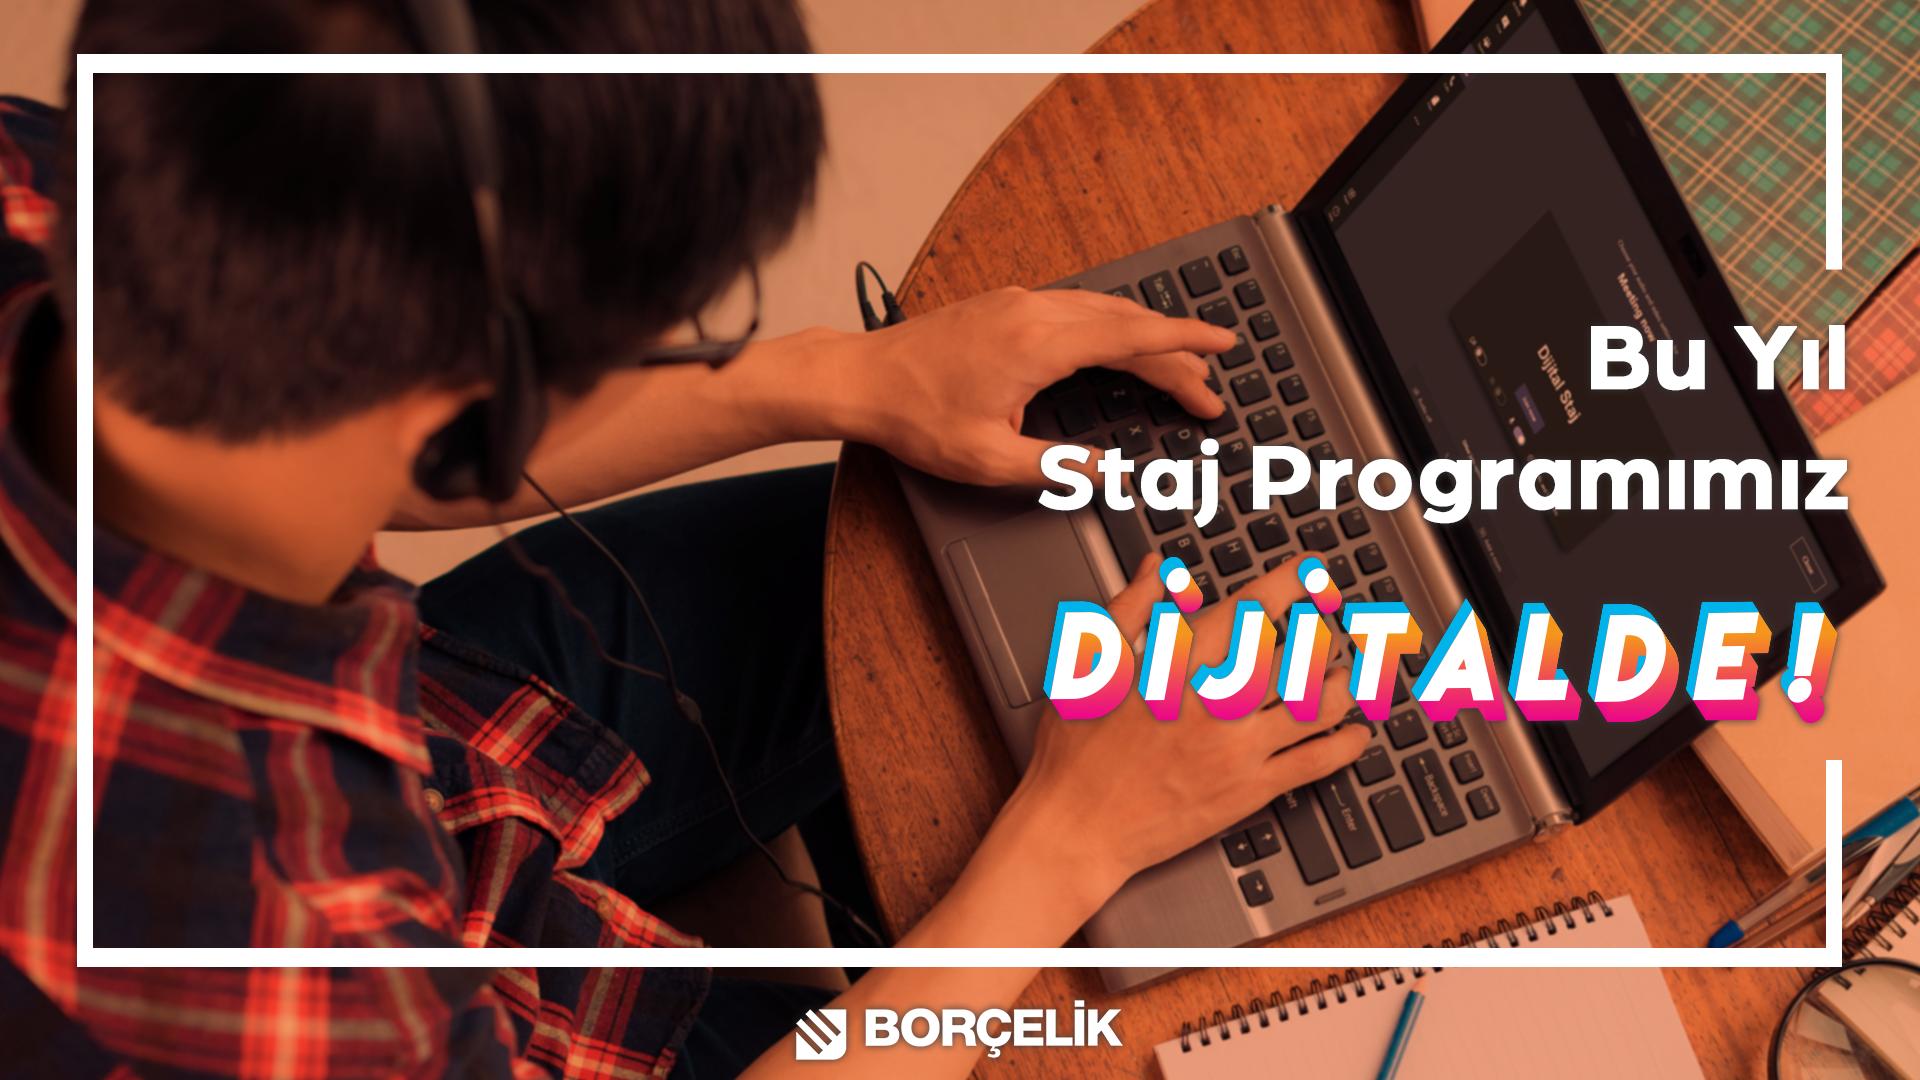 Borçelik Staj Programı Dijitalde!